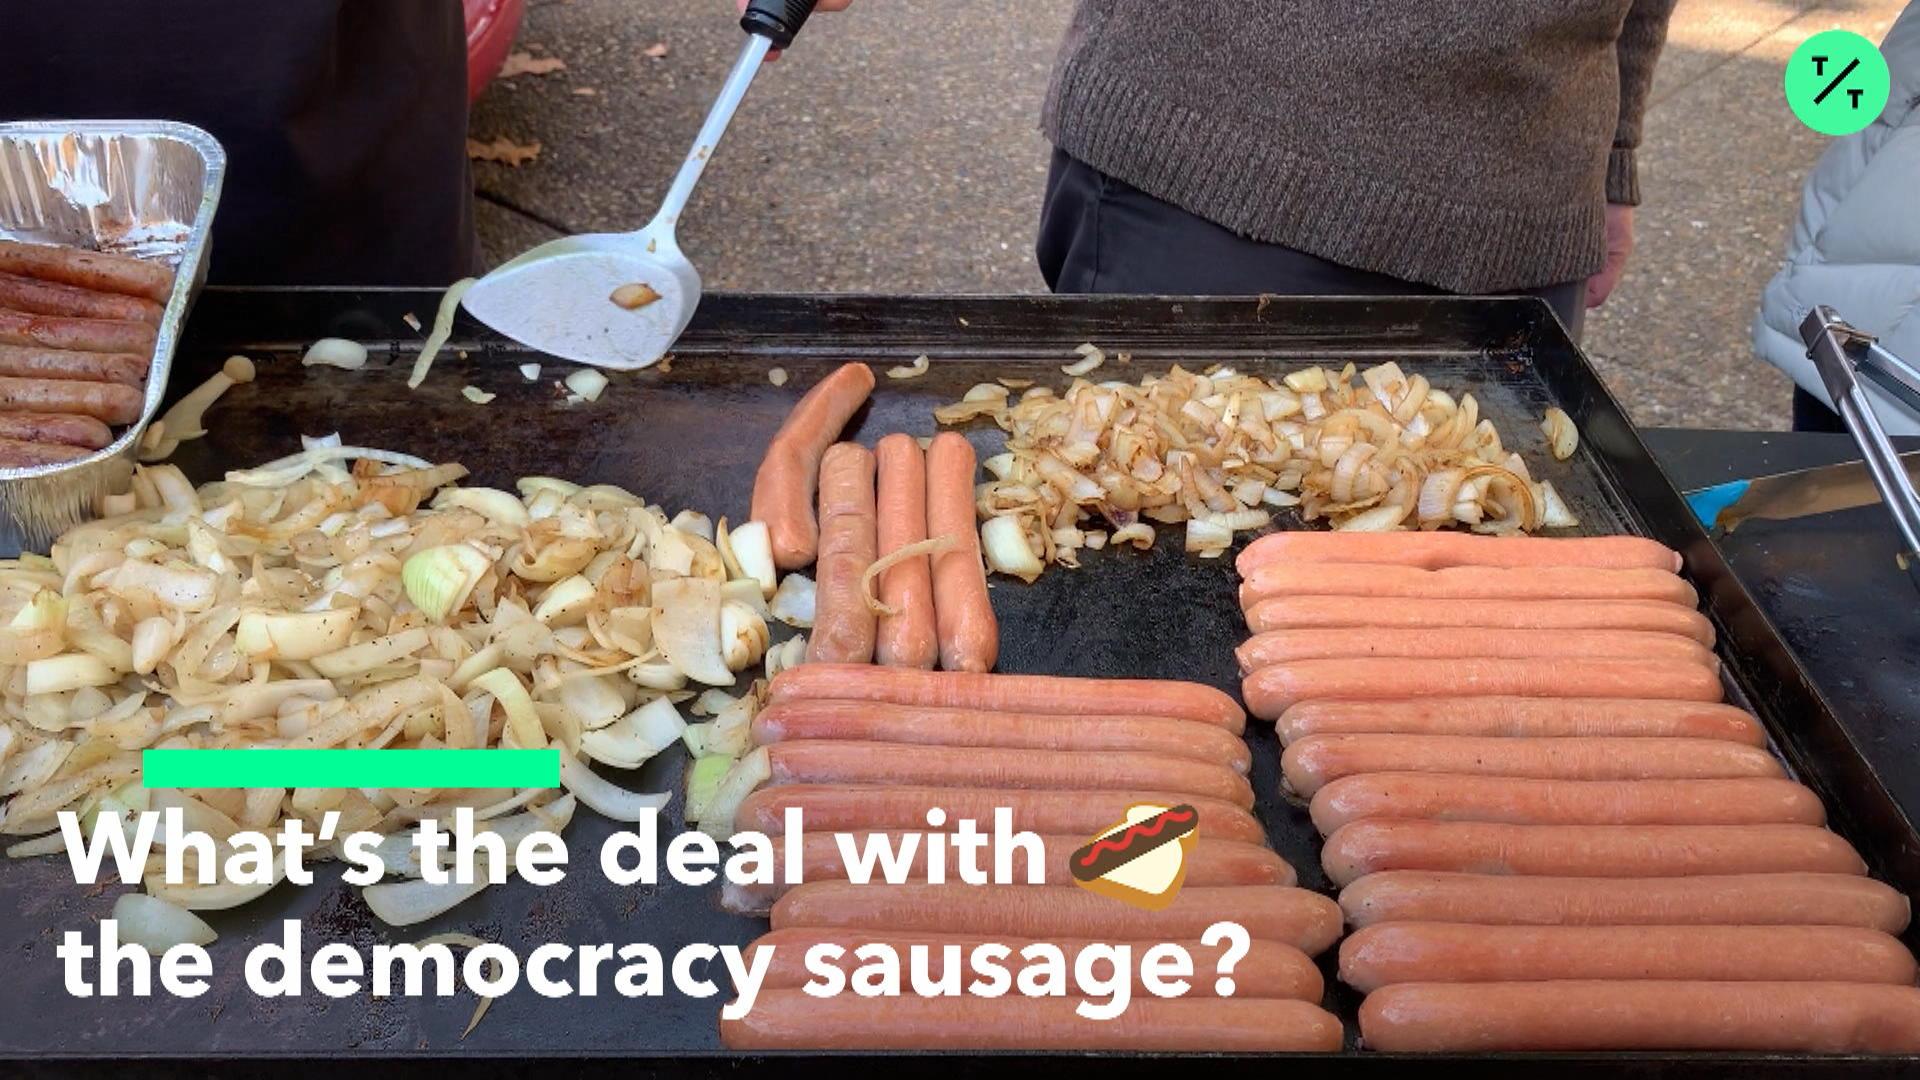 Democracy Sausage explained